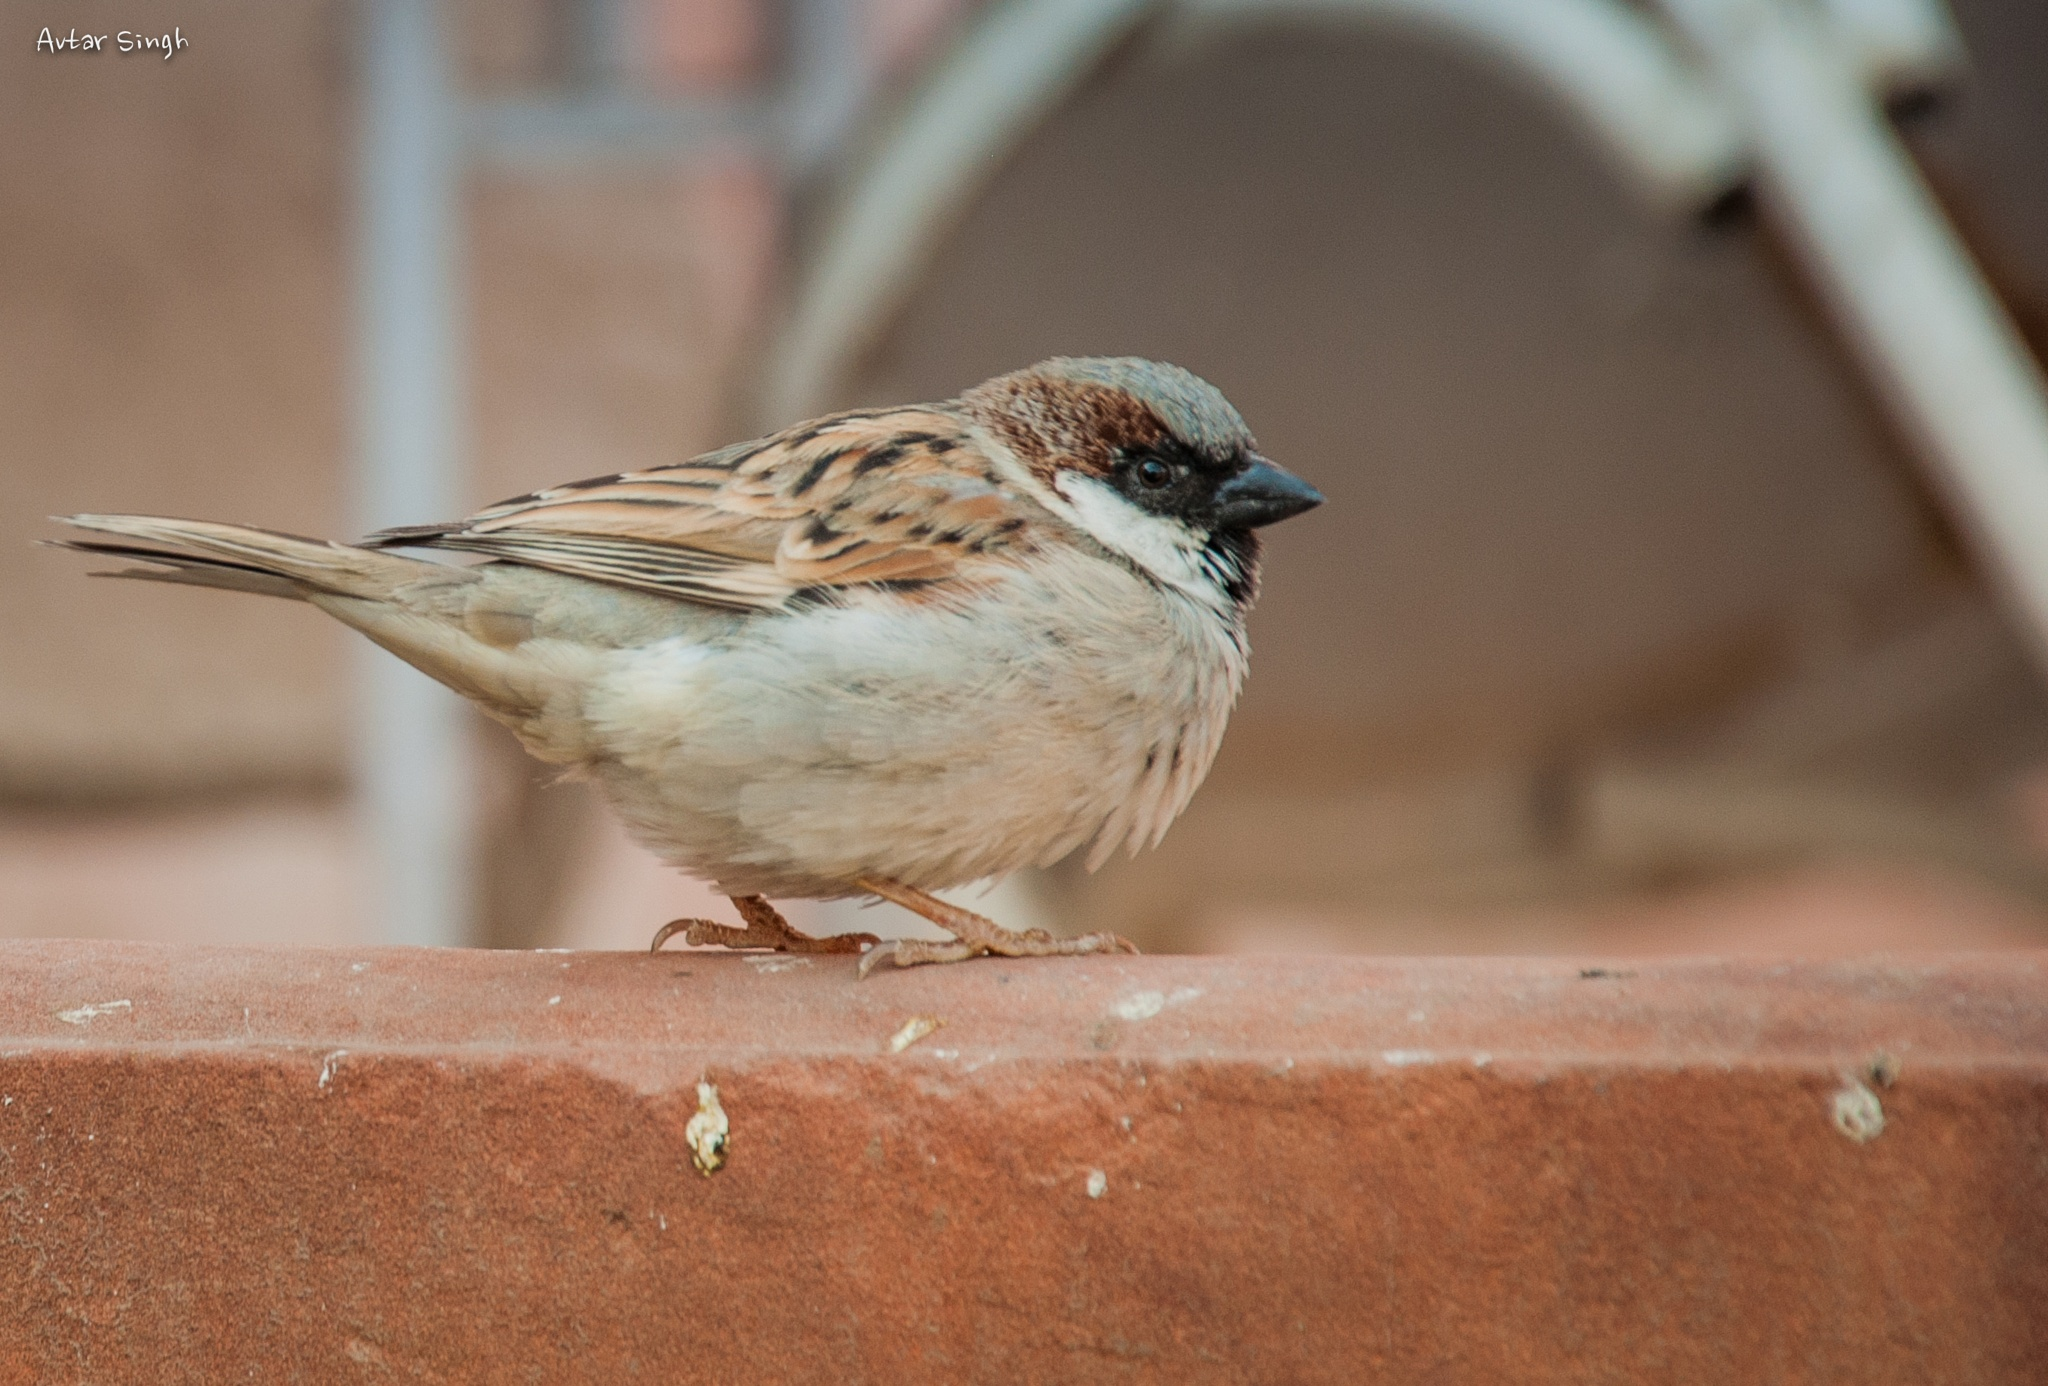 House Sparrow by Avtar Singh